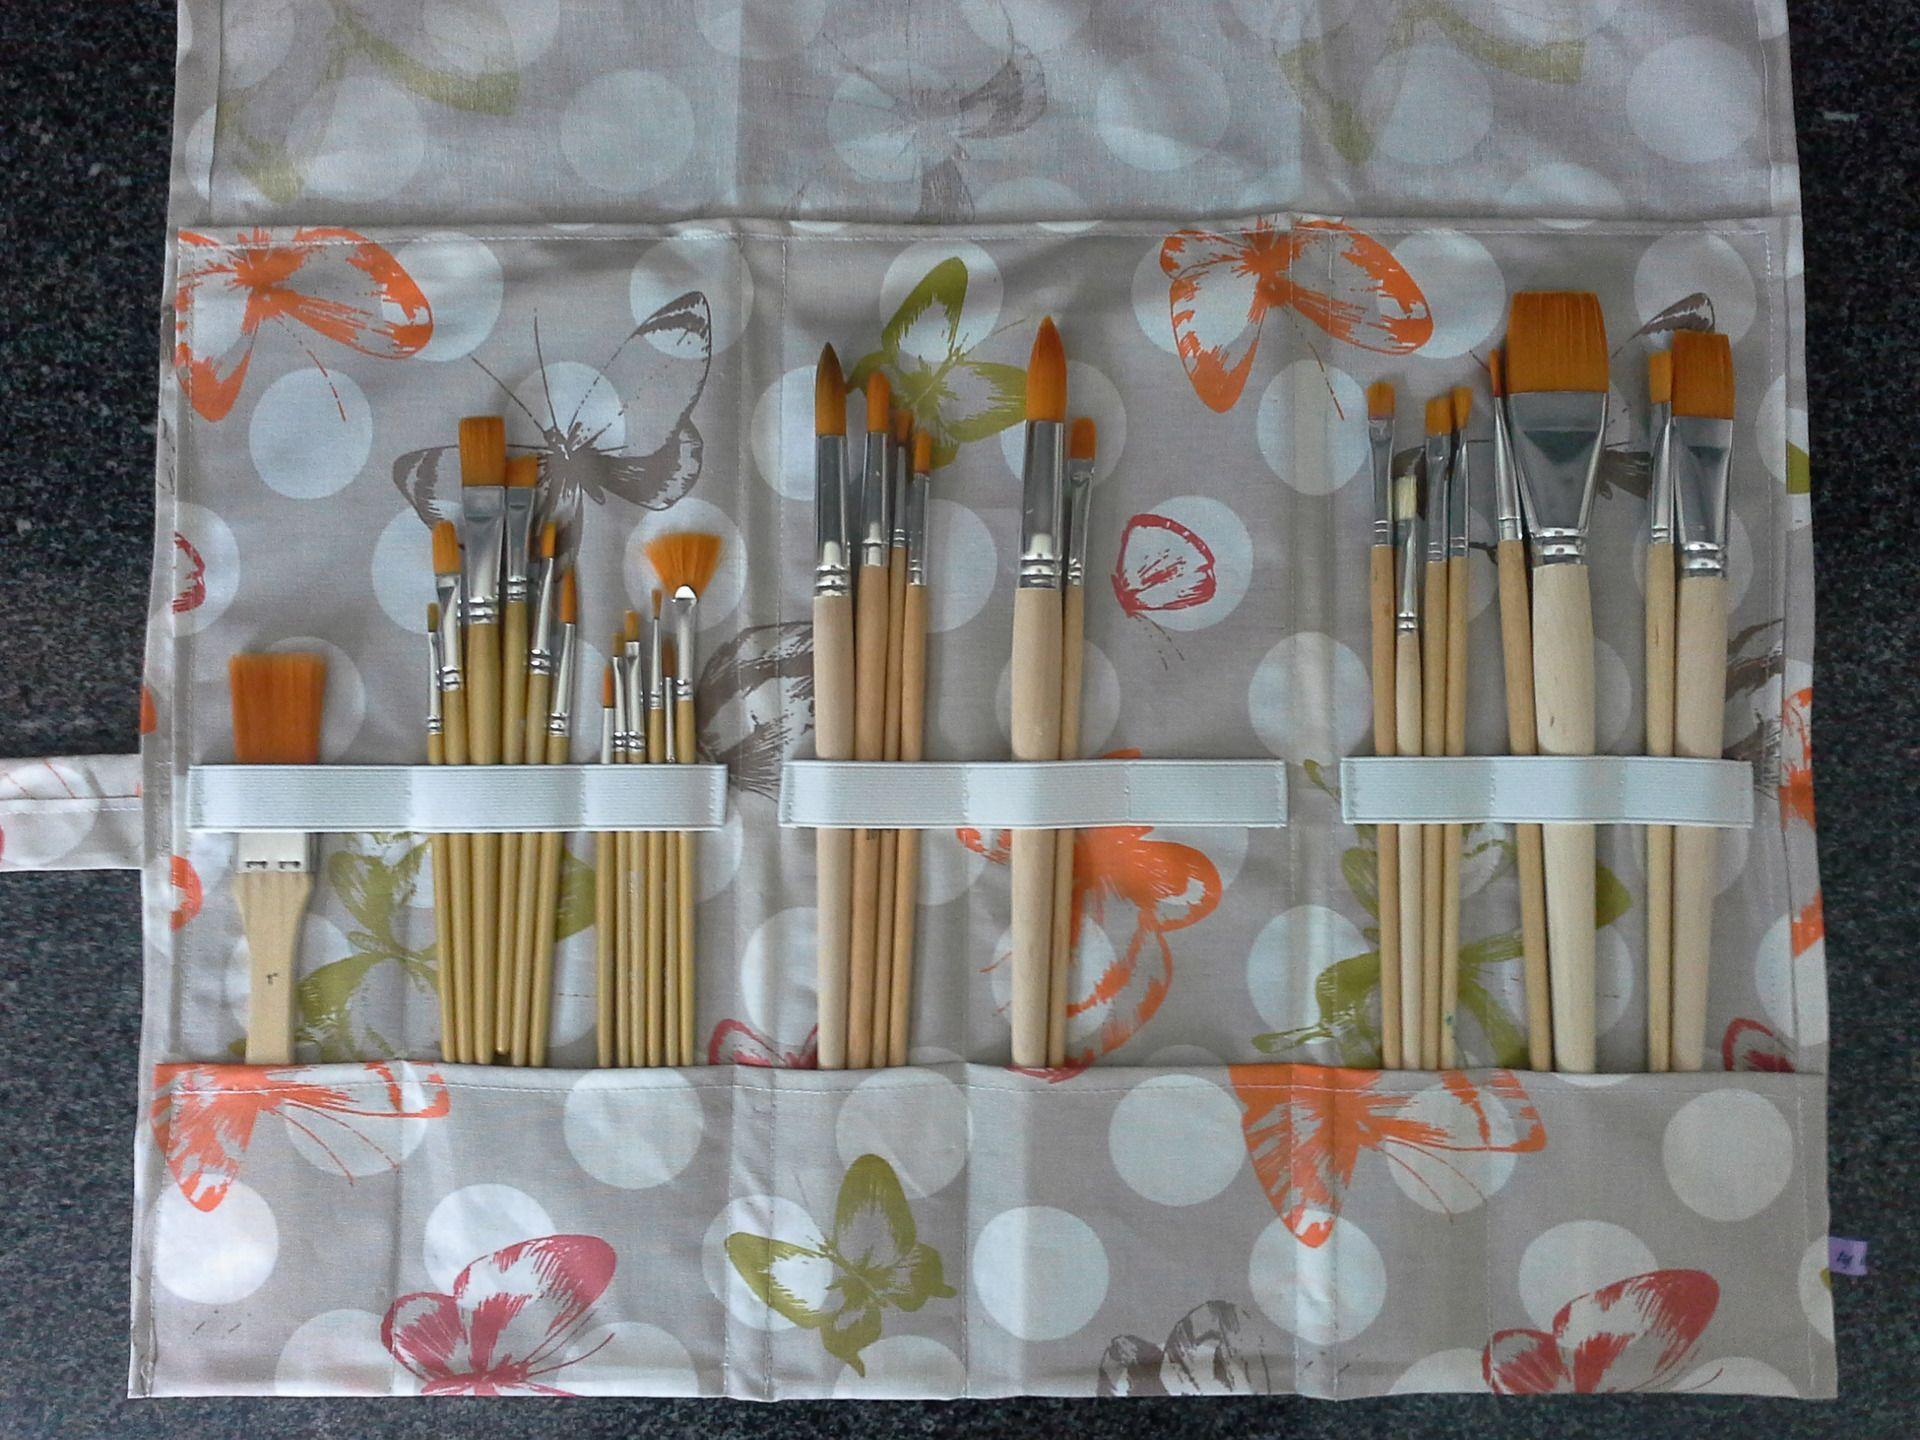 pochette trousse pinceaux d 39 art en coton enduit papillons peintures par ty isabelle 2w. Black Bedroom Furniture Sets. Home Design Ideas